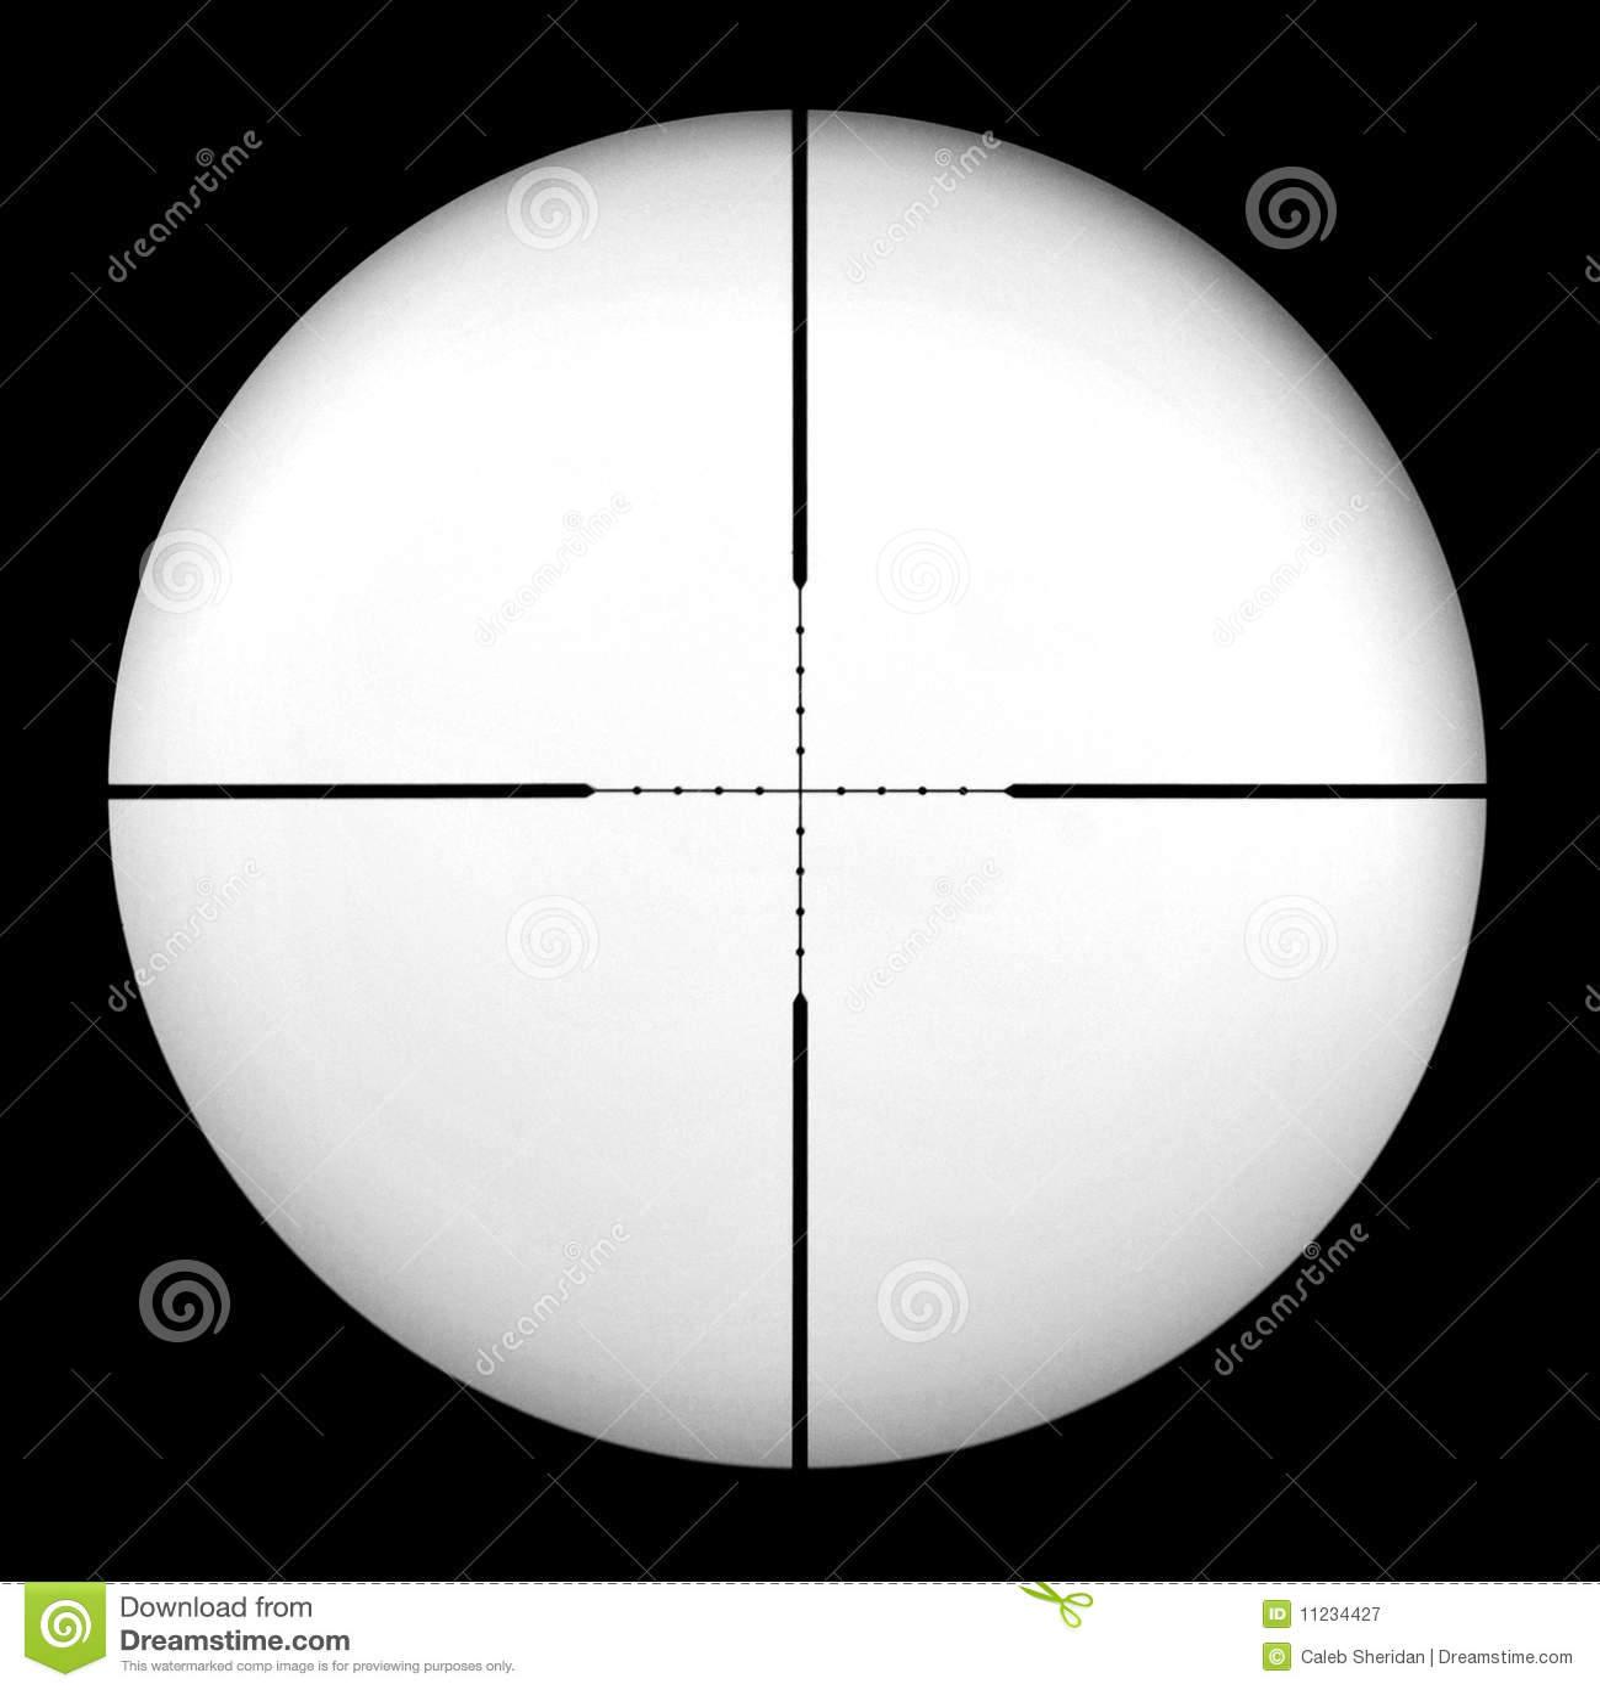 Mil Dot Gun Scope Stock Image Image Of Firearm Hairs